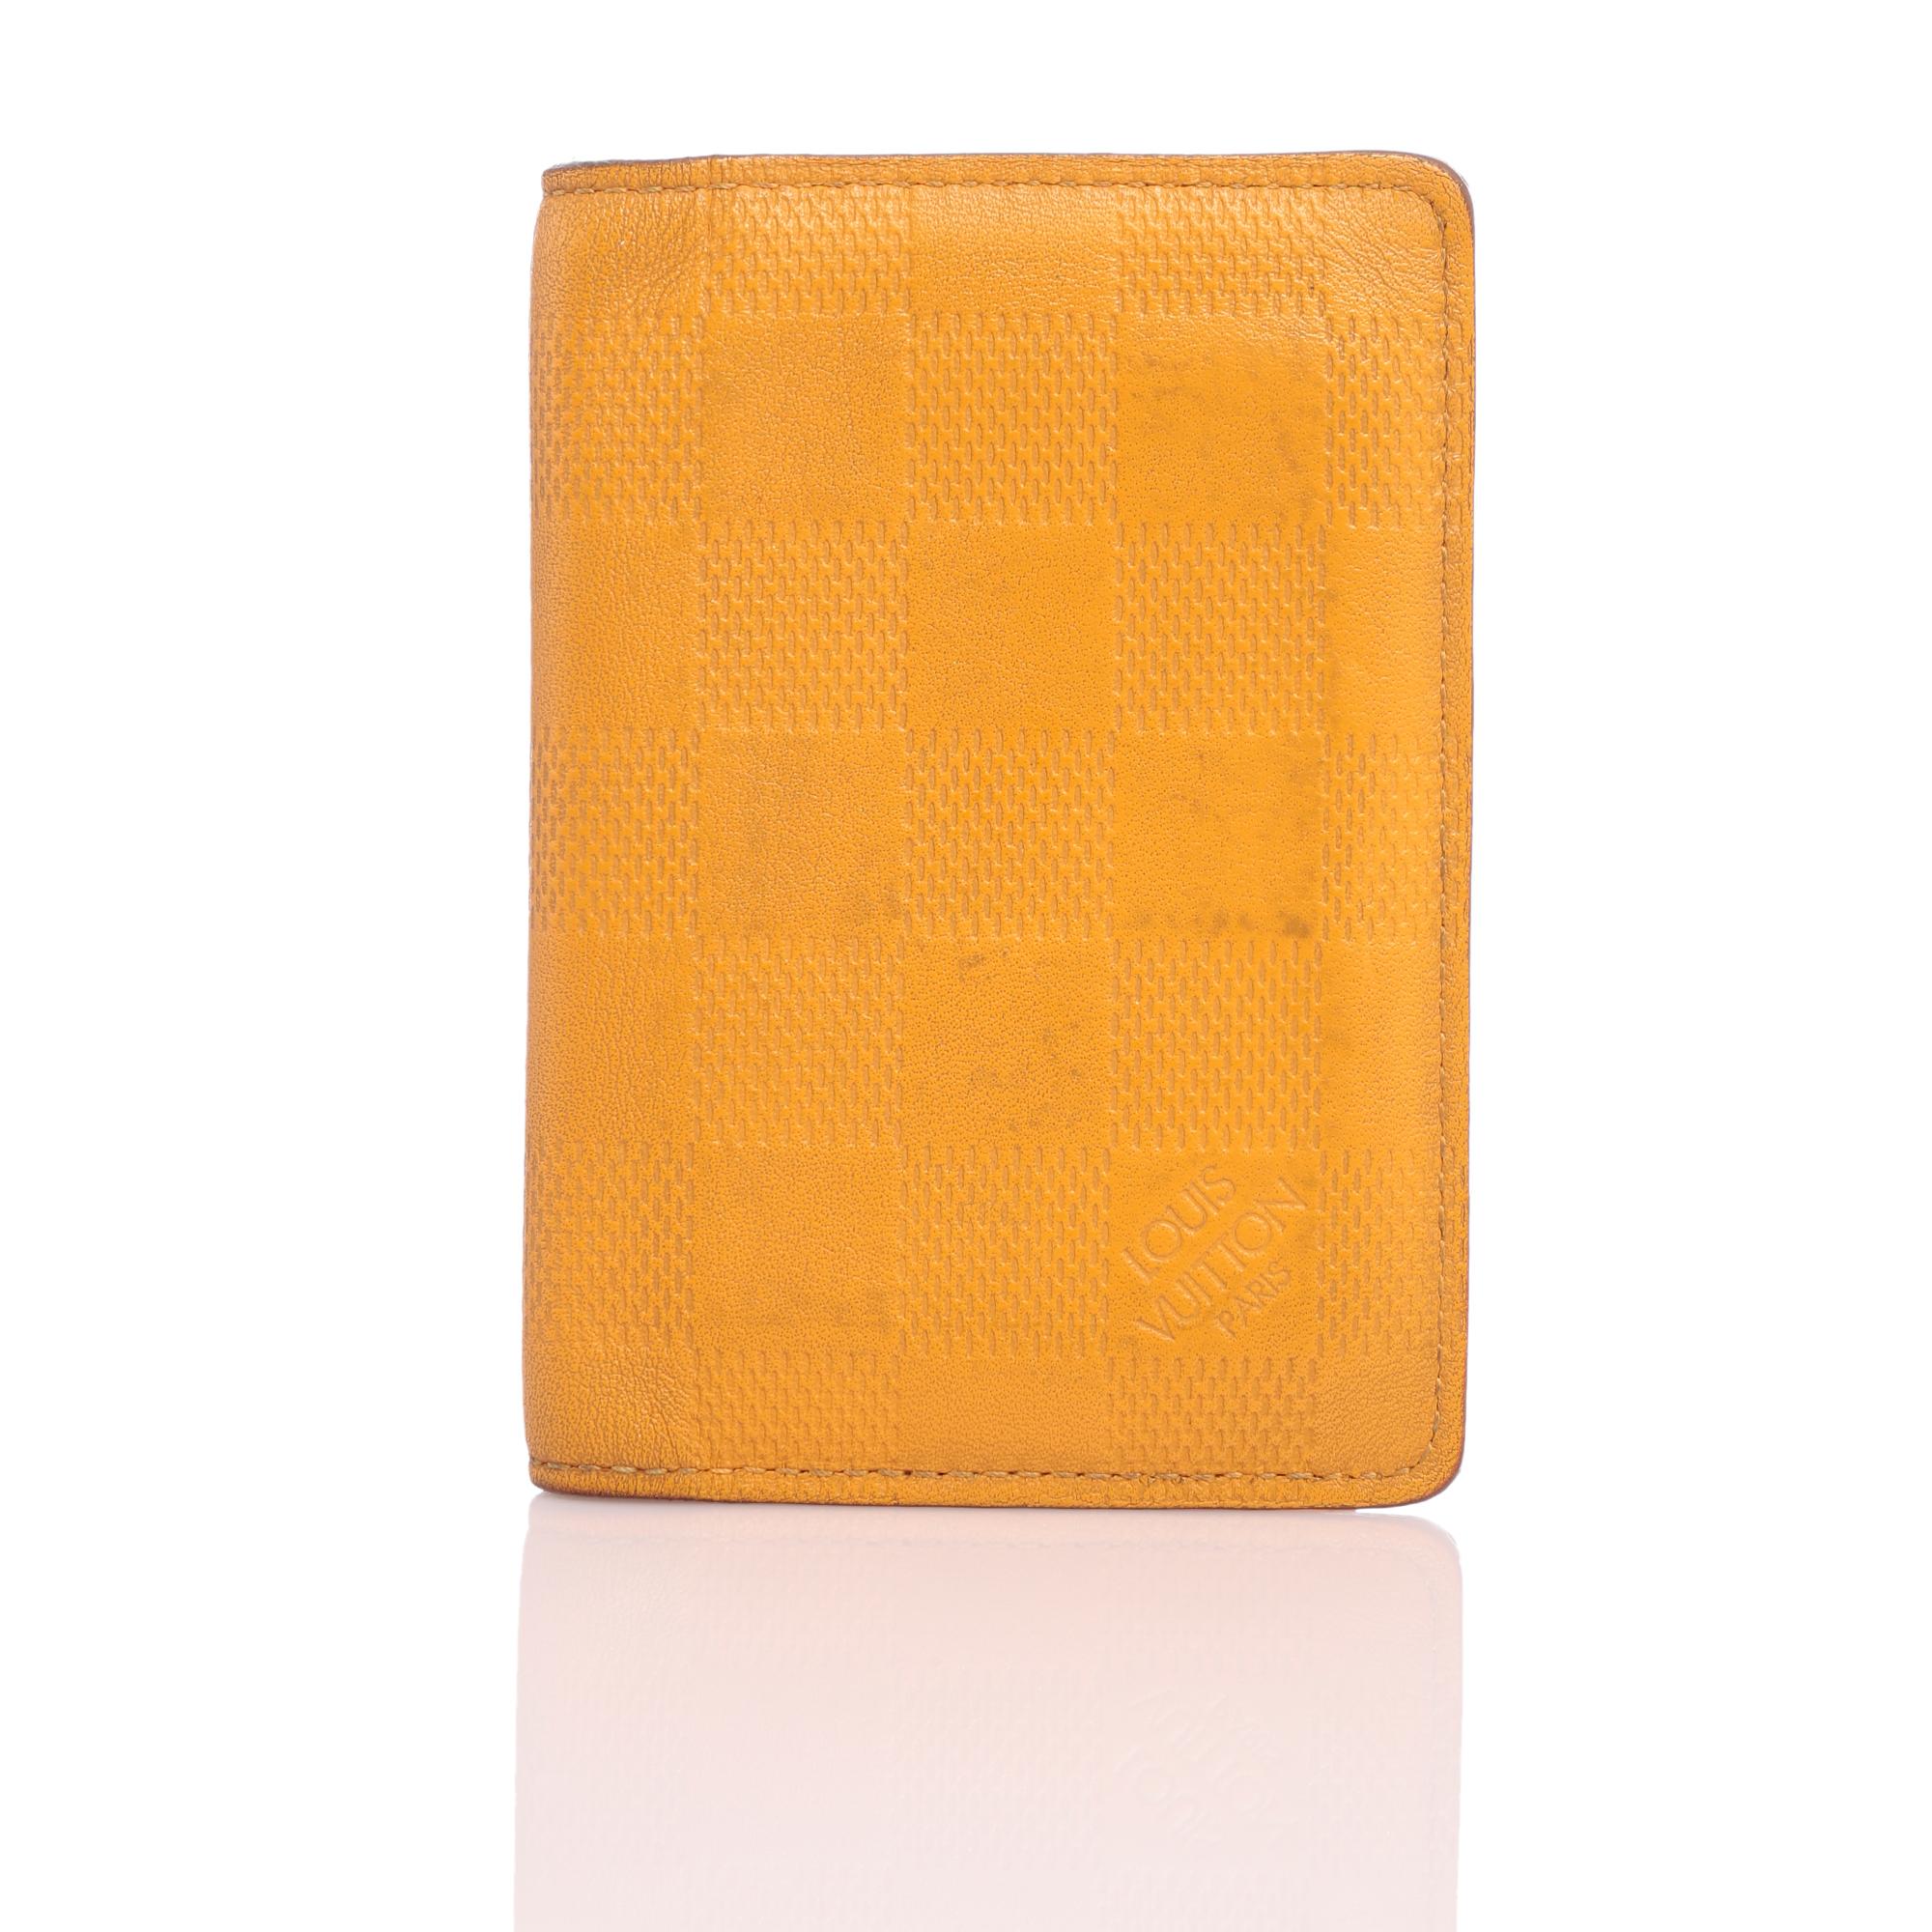 d61998663e0c Shop Authentic Louis Vuitton Card Holder Accessories For Men Online